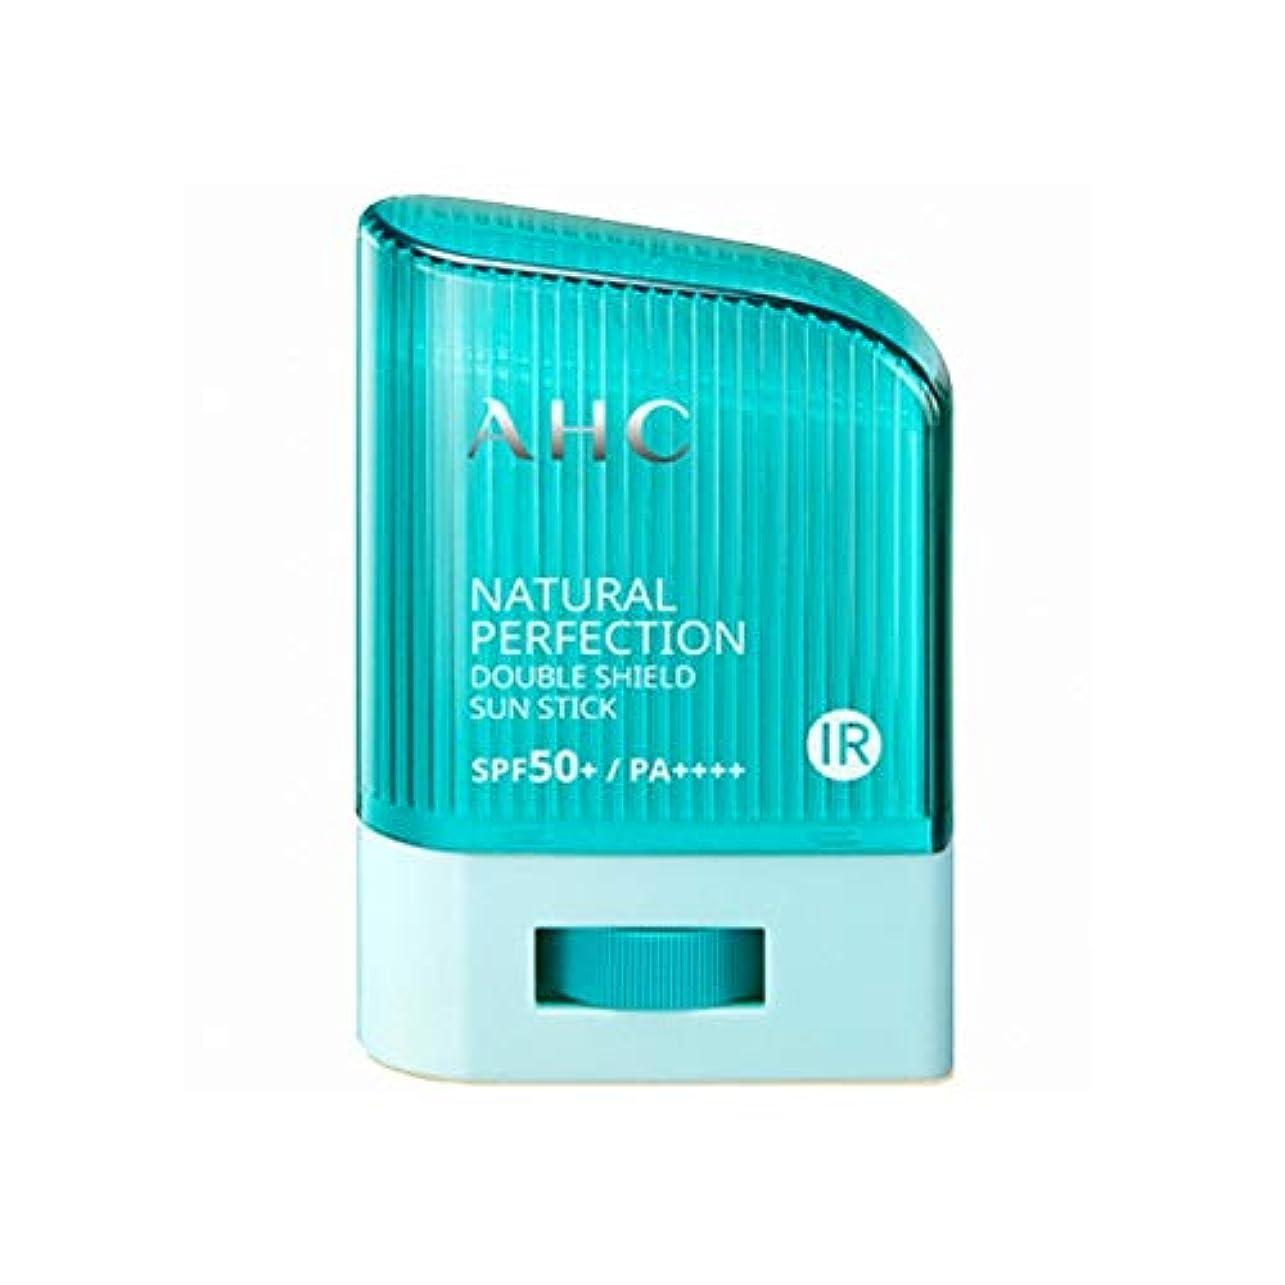 無駄だ微視的うめき声AHC ナチュラルパーフェクションダブルシールドサンスティック 14g, Natural Perfection Double Shield Sun Stick SPF50+ PA++++ A.H.C